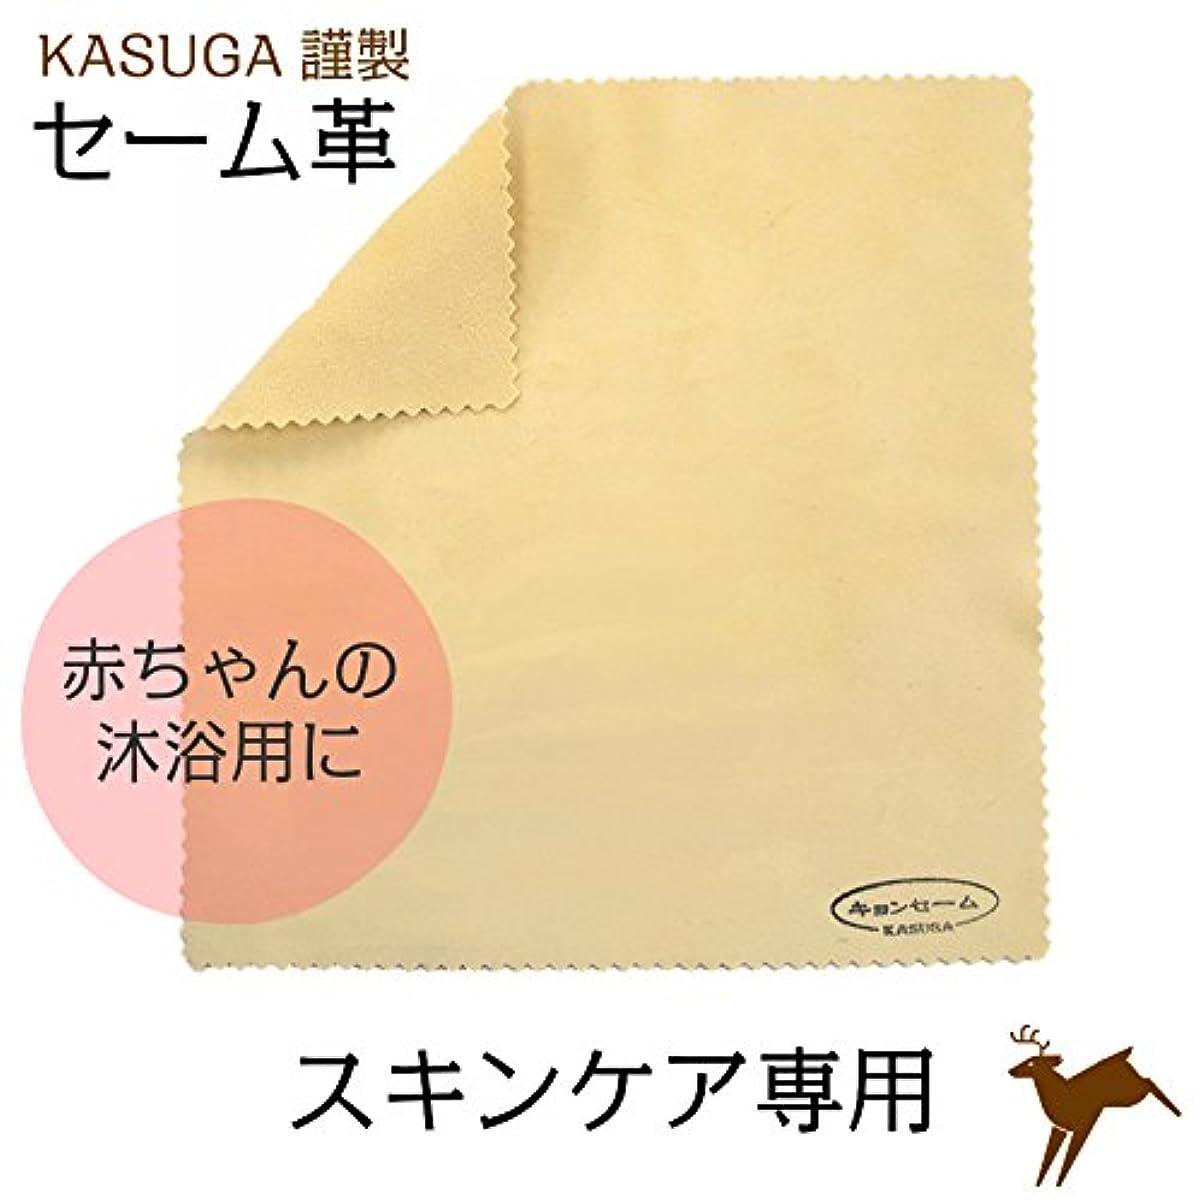 春日カスガ謹製 スキンケア専用キョンセーム革 20cm×20cm